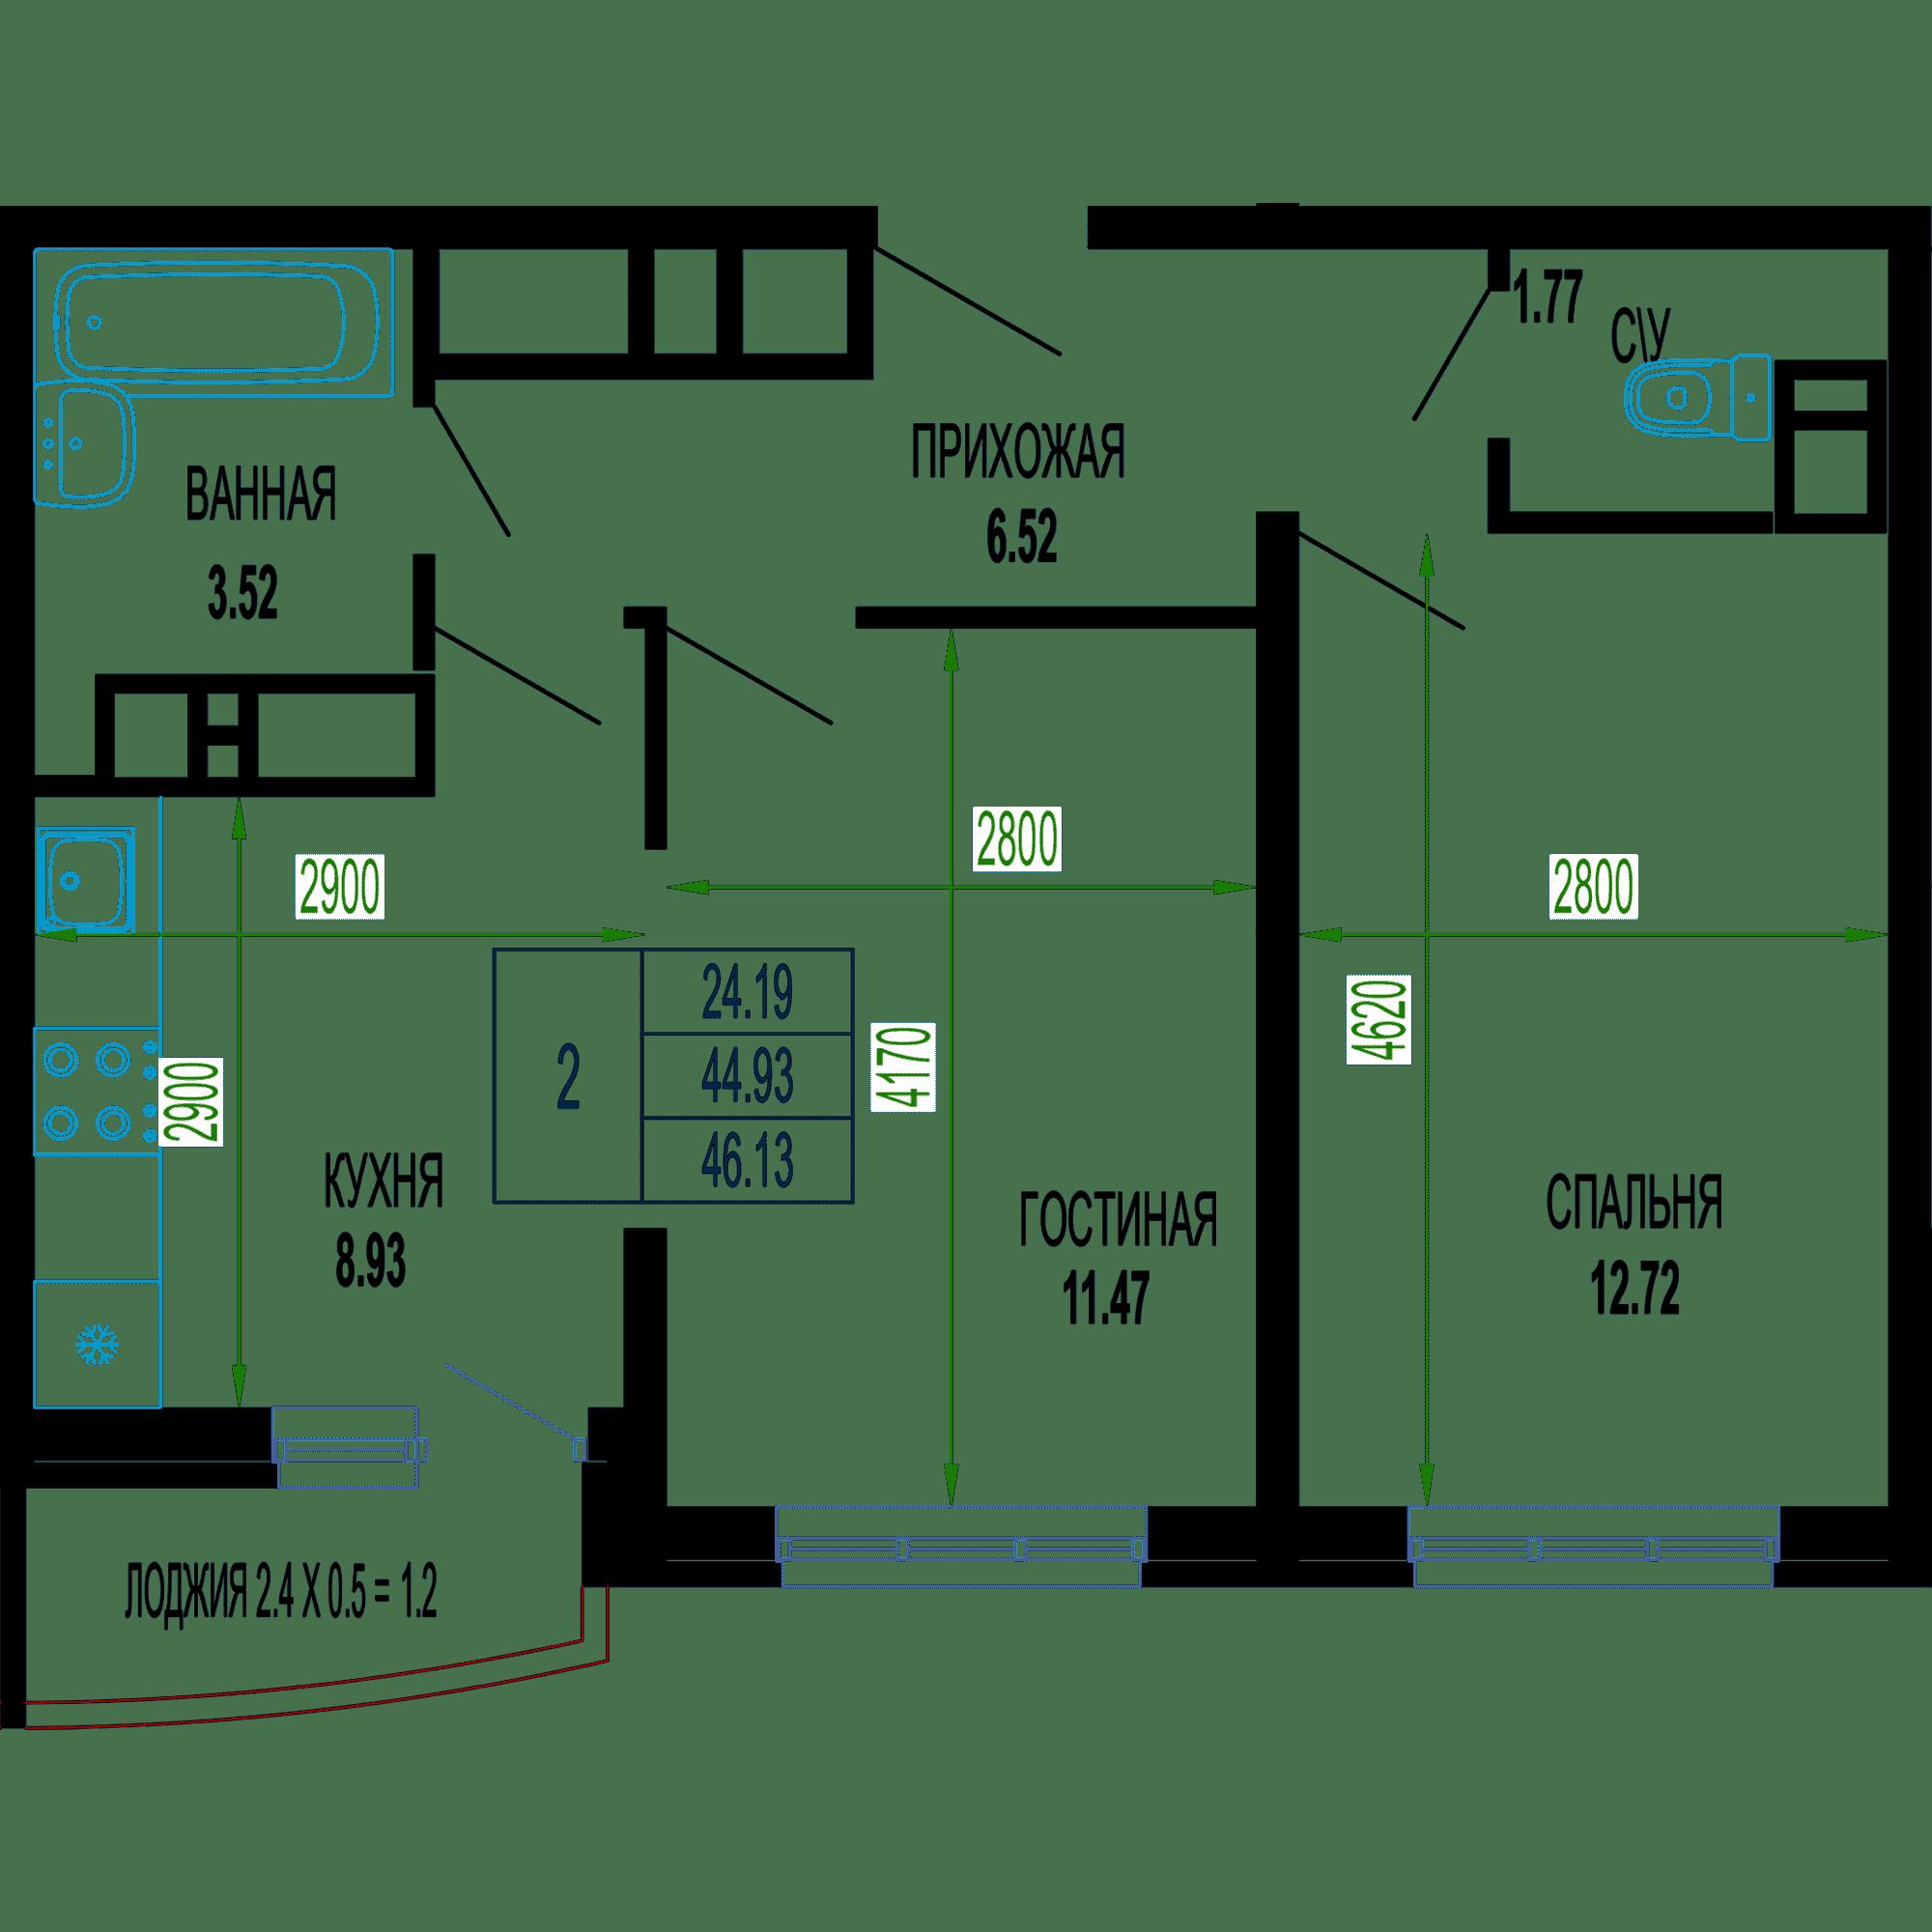 Двухкомнатная квартира в ЖК Лучший 46.13 м2